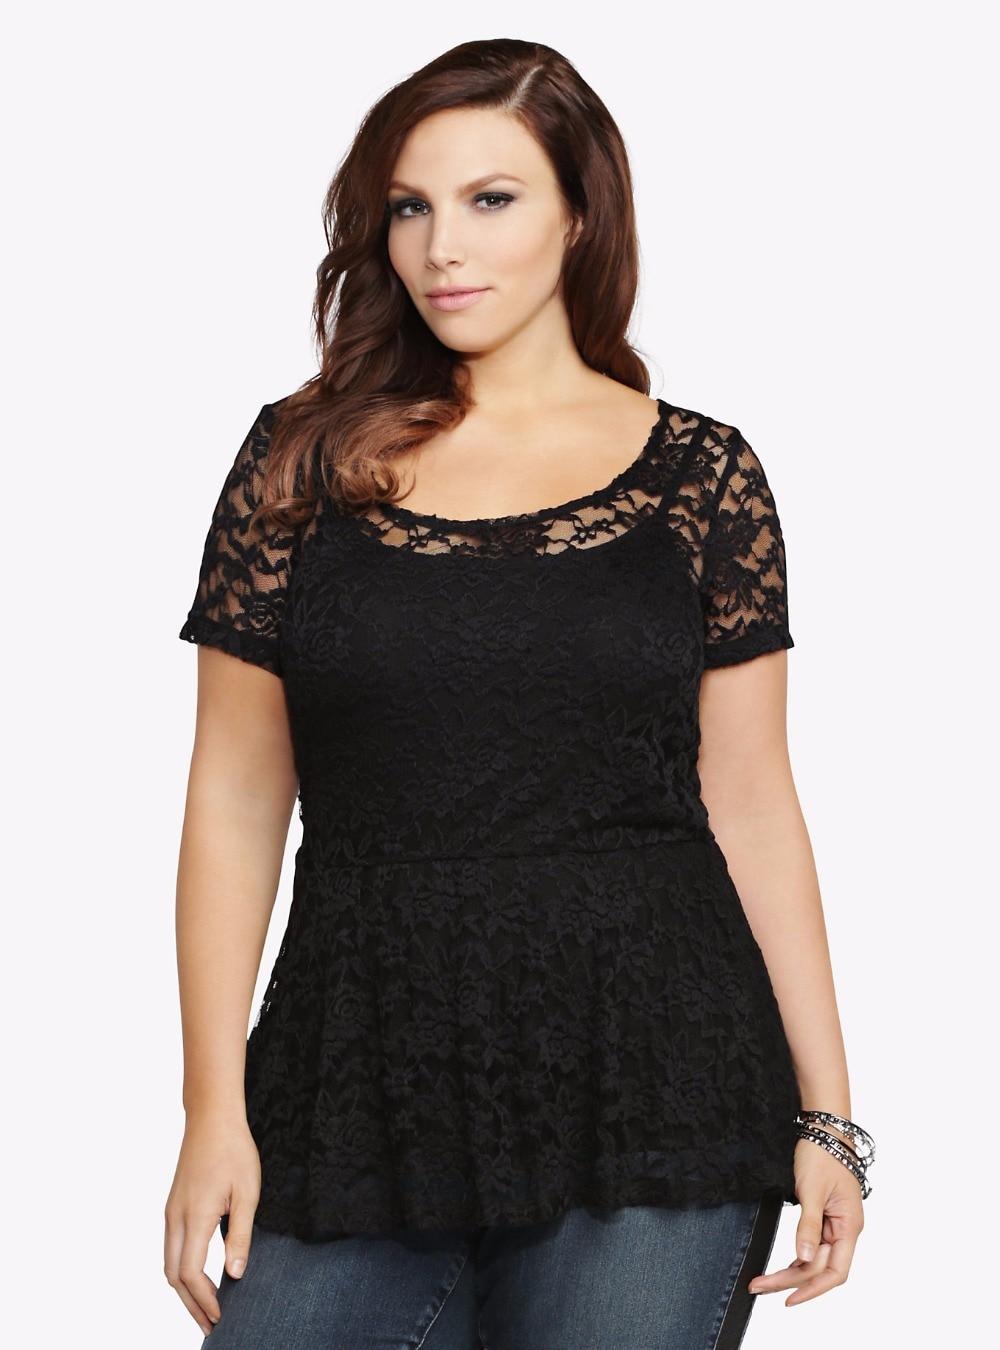 Plus Size Clothing, Trendy Plus Size Clothing, Plus Size